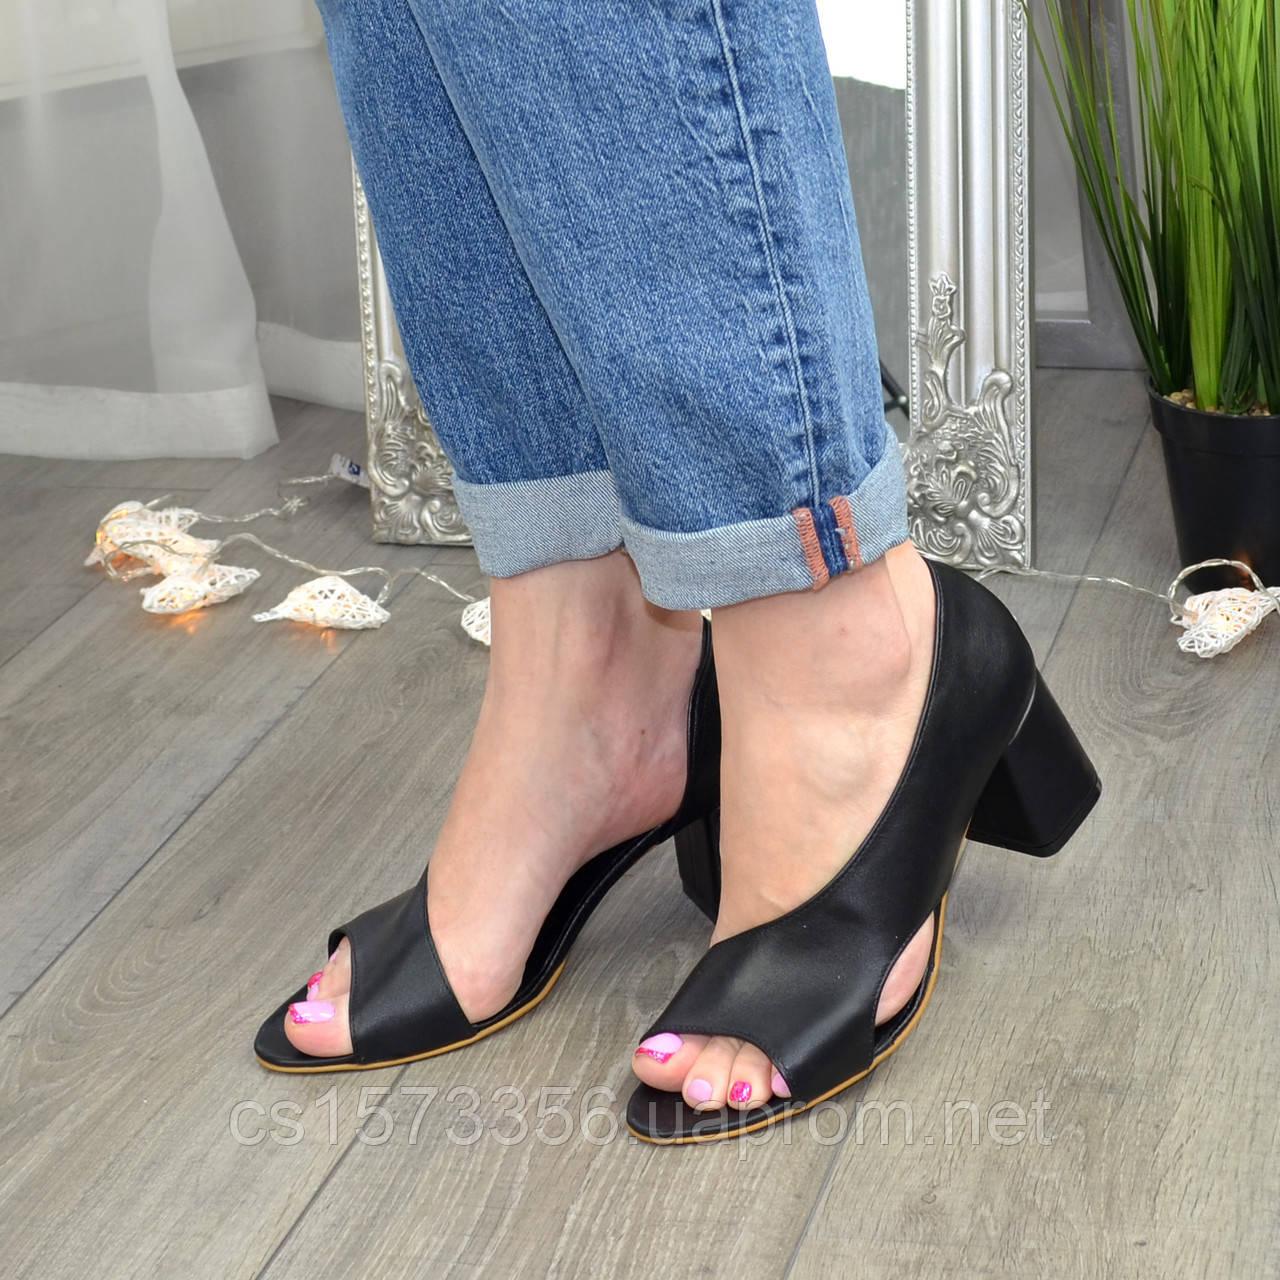 Женские кожаные черные босоножки на устойчивом каблуке